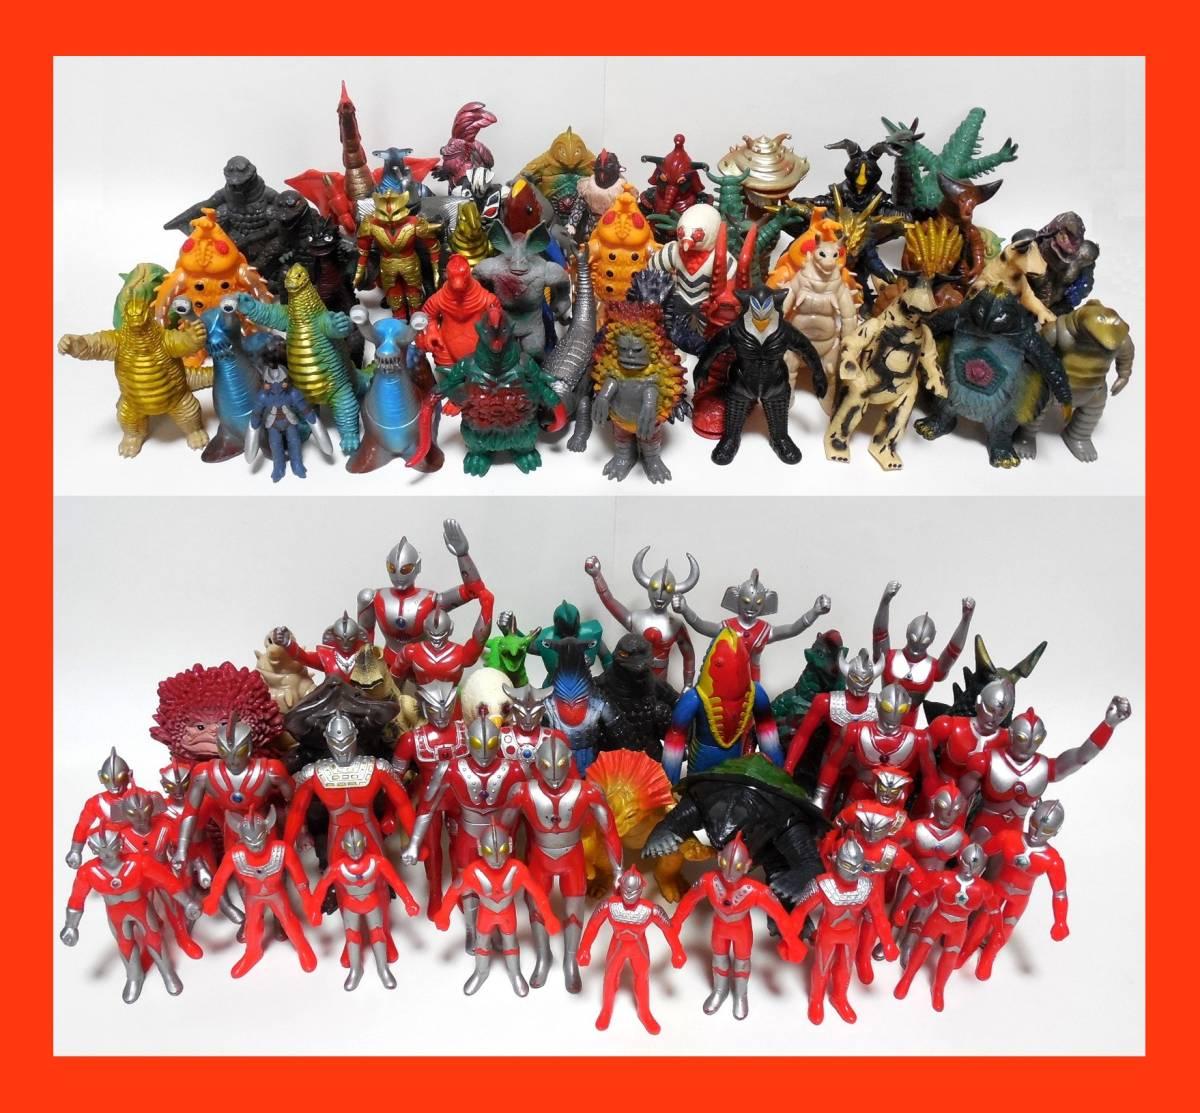 バンダイ ウルトラコレクション ウルトラ怪獣シリーズ 大量セット 硬質ソフビ 日本製 まとめて ウルトラマン ウルトラセブン ガメラ ゴジラ